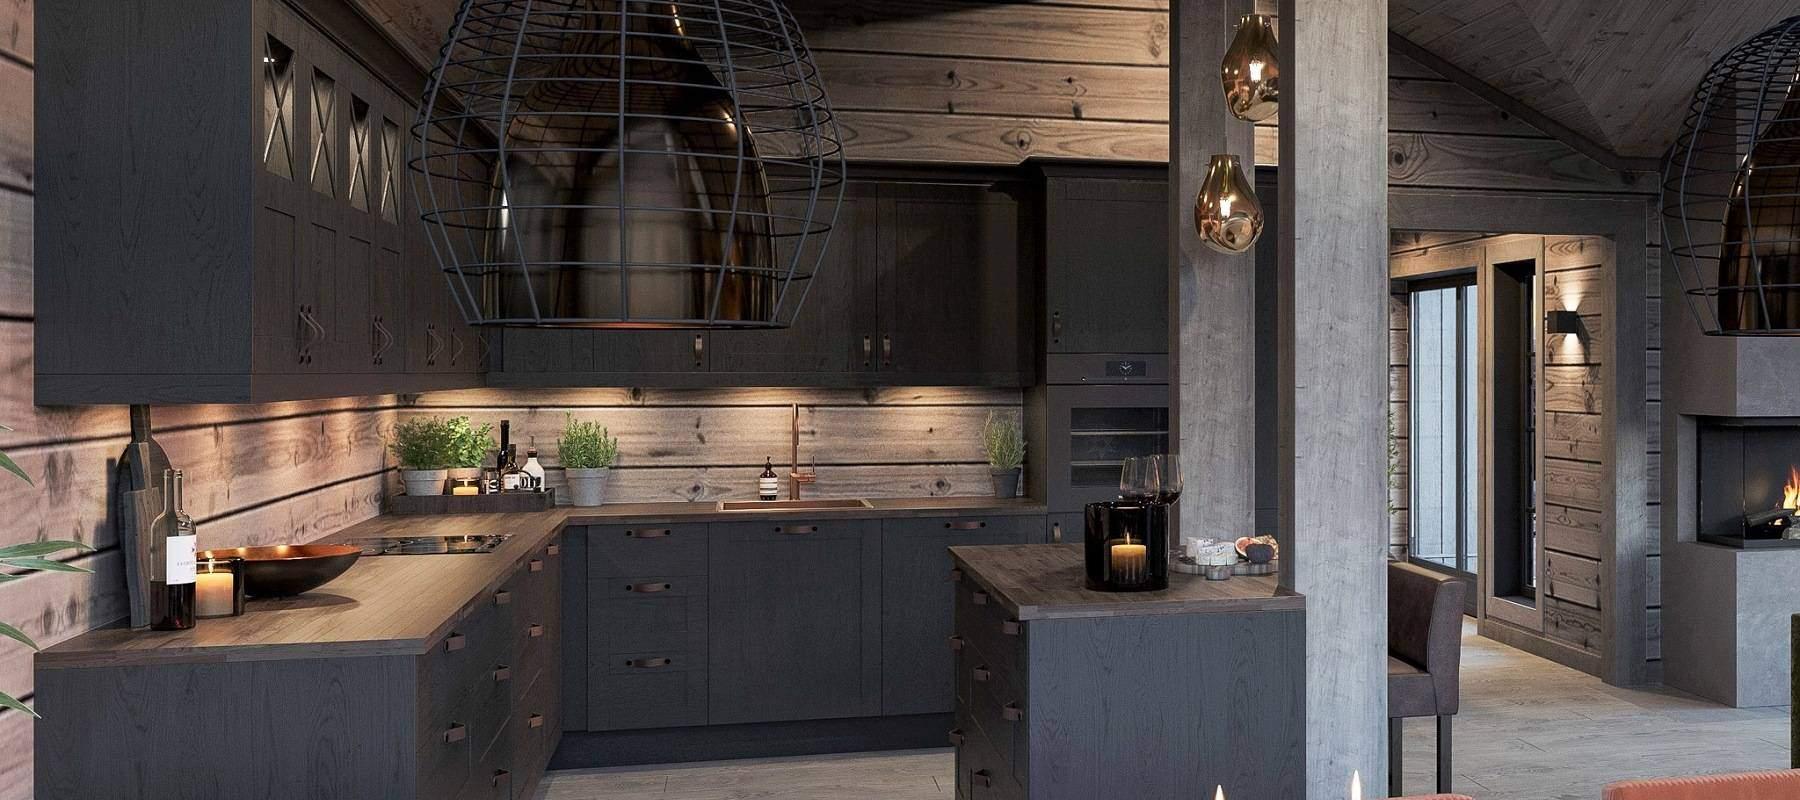 50 Hytte Geilo 155 Åpent kjøkken mot stue og spisestua, Kjøkkenøy med innfelte søyler avgrenser kjøkkensonen.